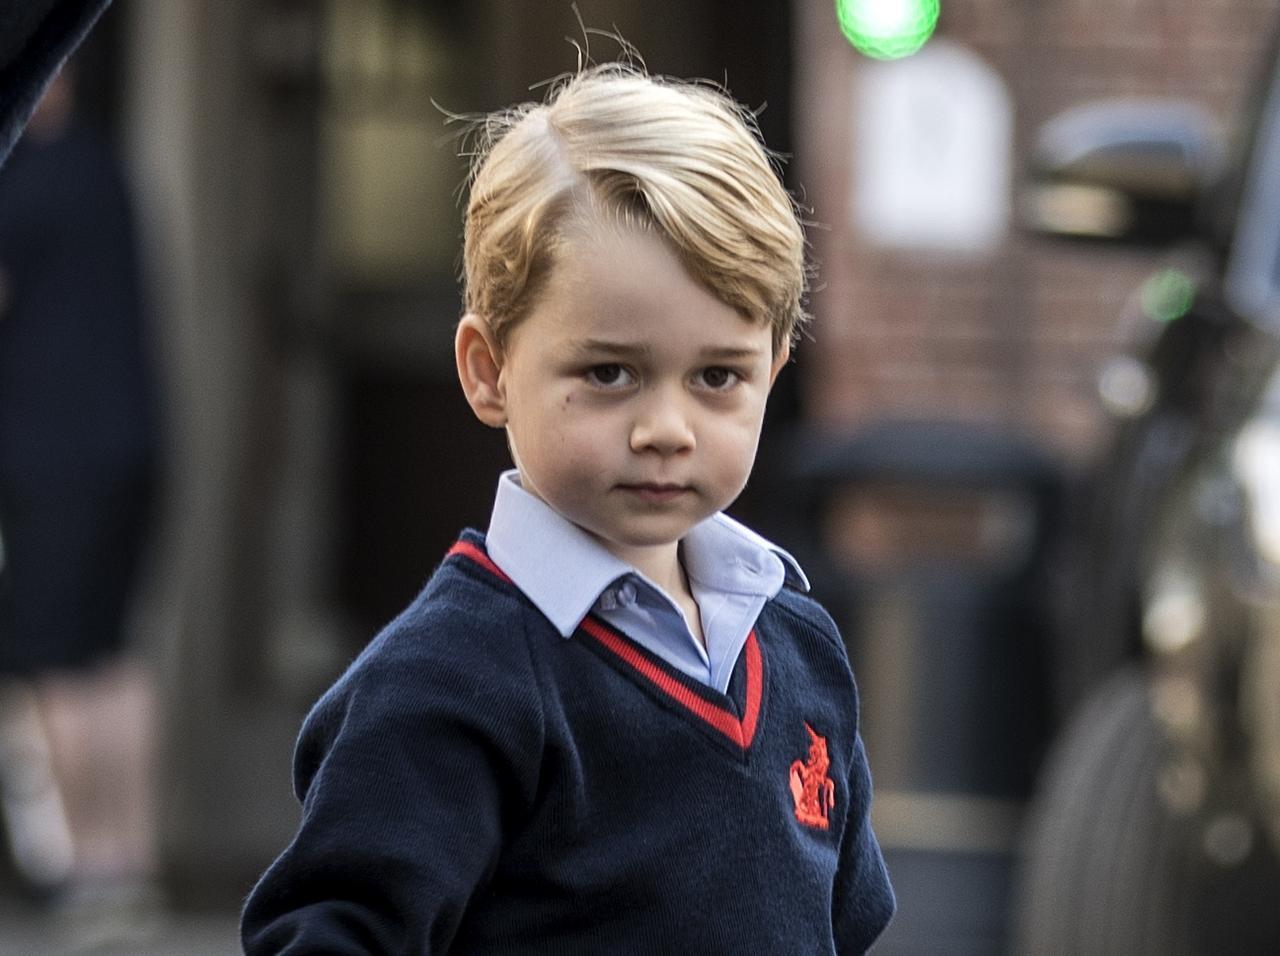 画像2: 私立学校に通うジョージ王子